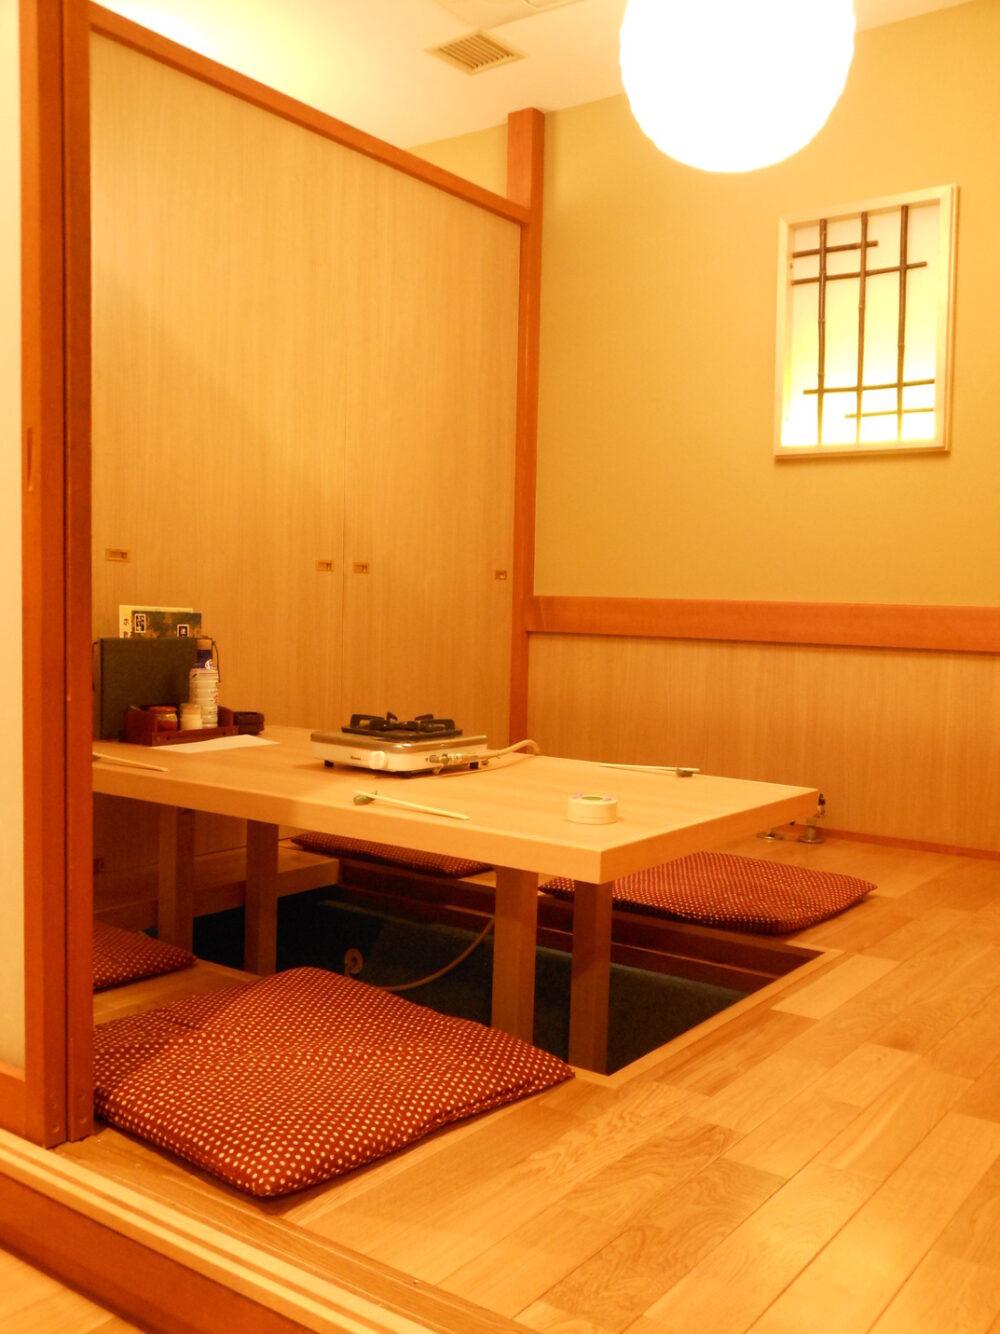 ふく竹 本店 (なべどころふくたけ) 店内個室